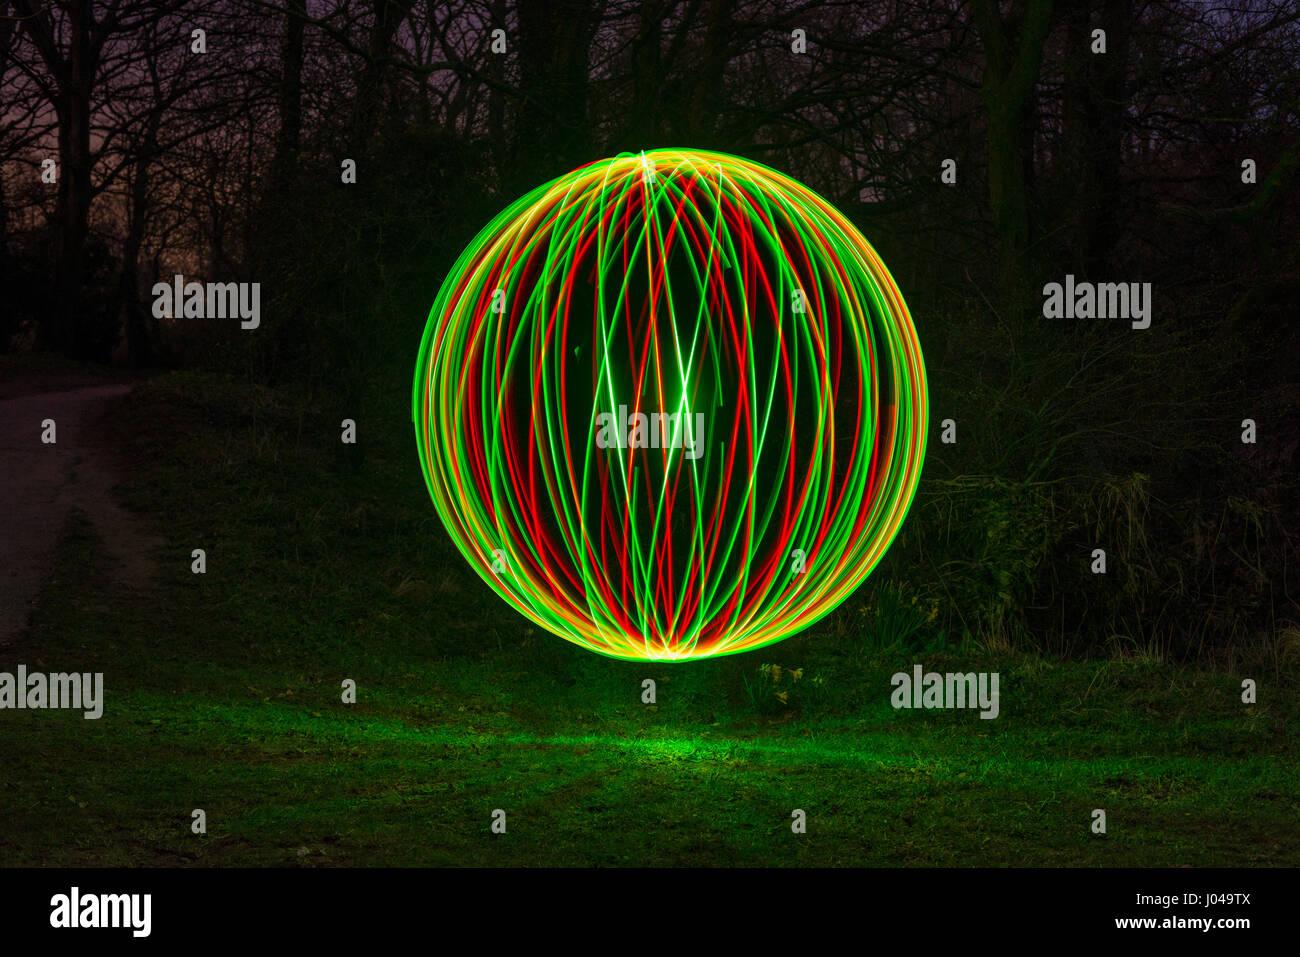 Una sfera creata utilizzando la luce della pittura. Una speciale tecnica fotografica Immagini Stock